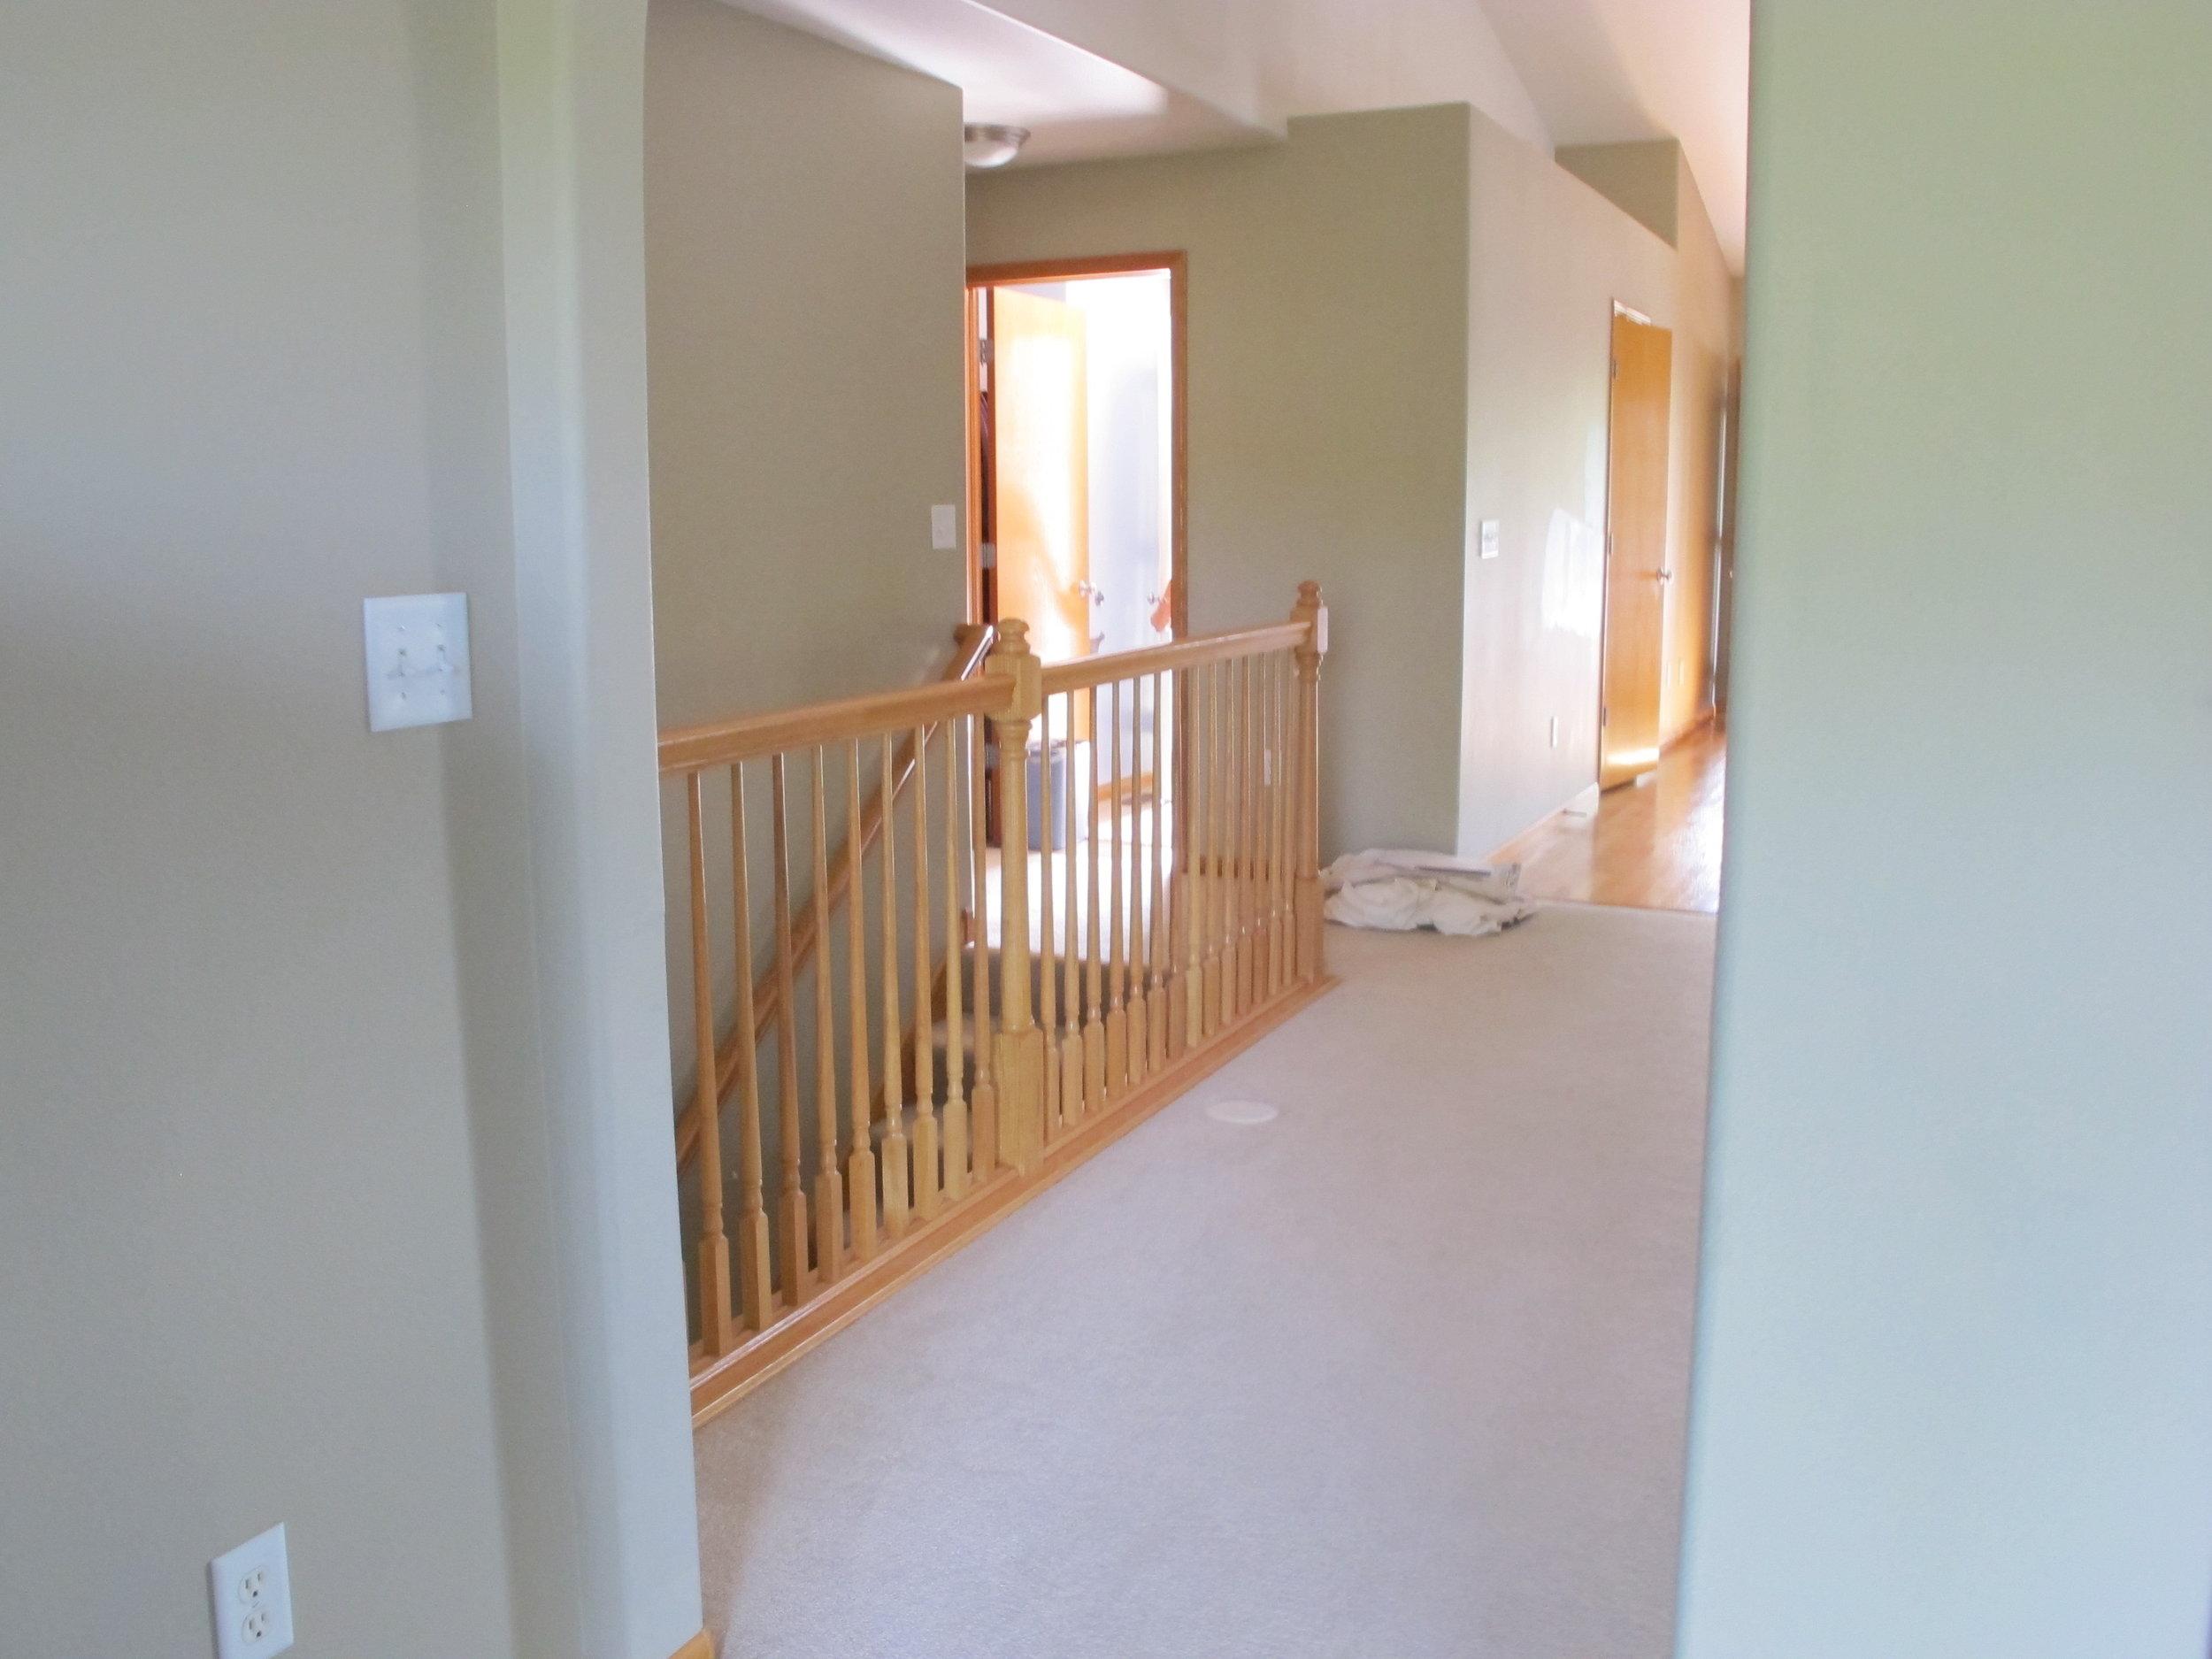 Stair Rail 3.JPG